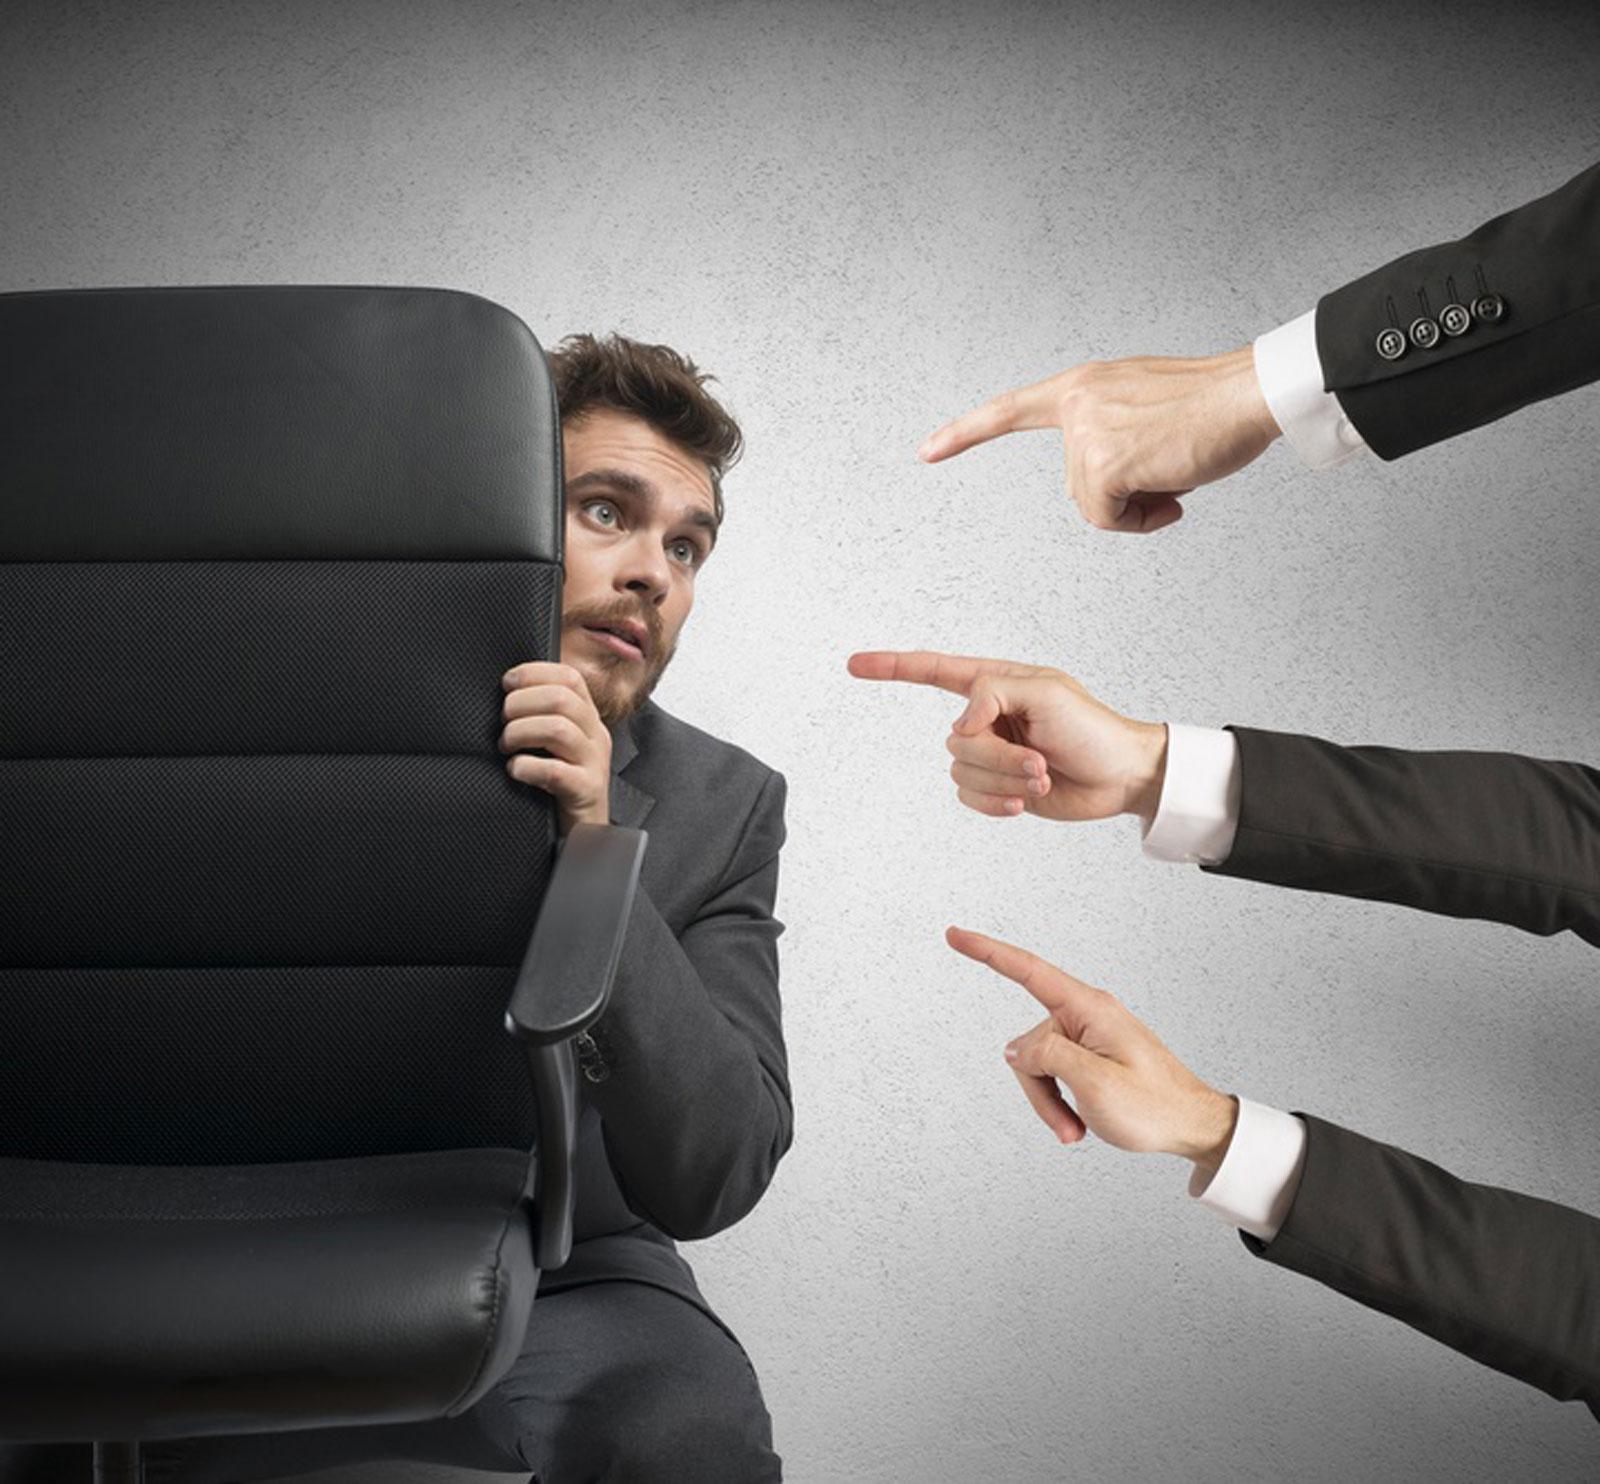 Wie Sie bei Präsentationen mehr Sicherheit ausstrahlen